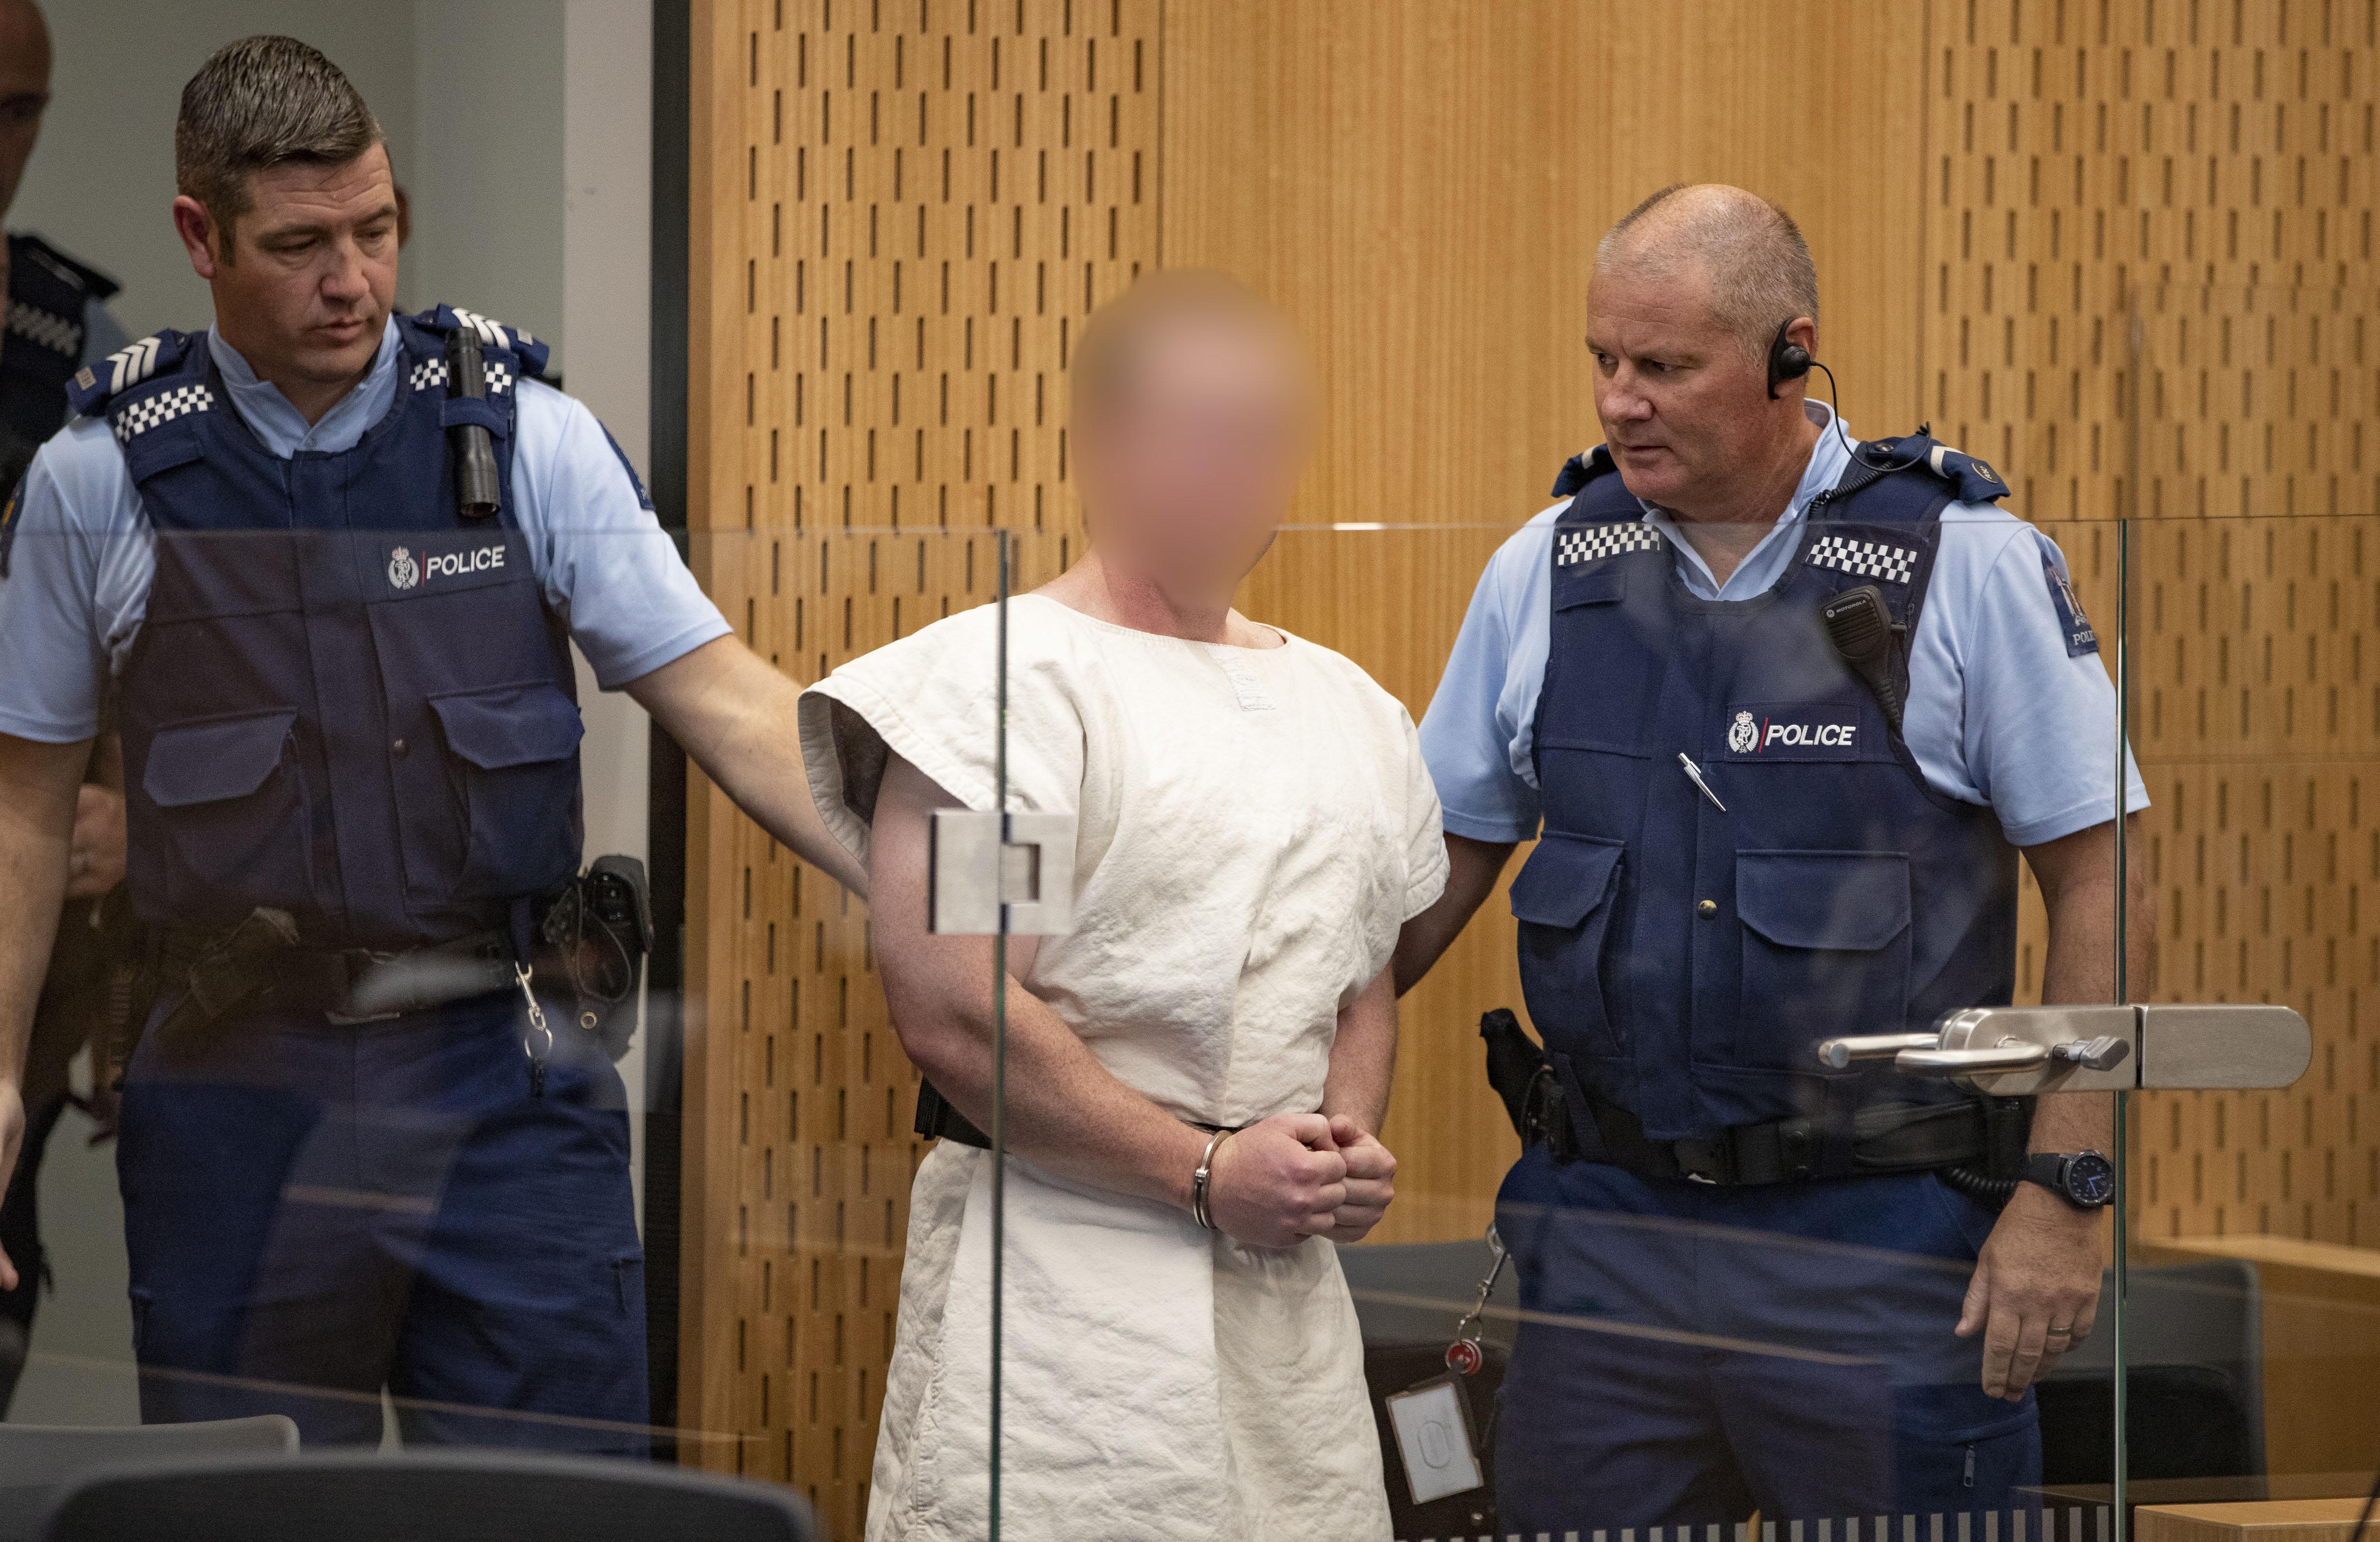 恐襲疑犯被控謀殺罪 紐西蘭將全面加強管控